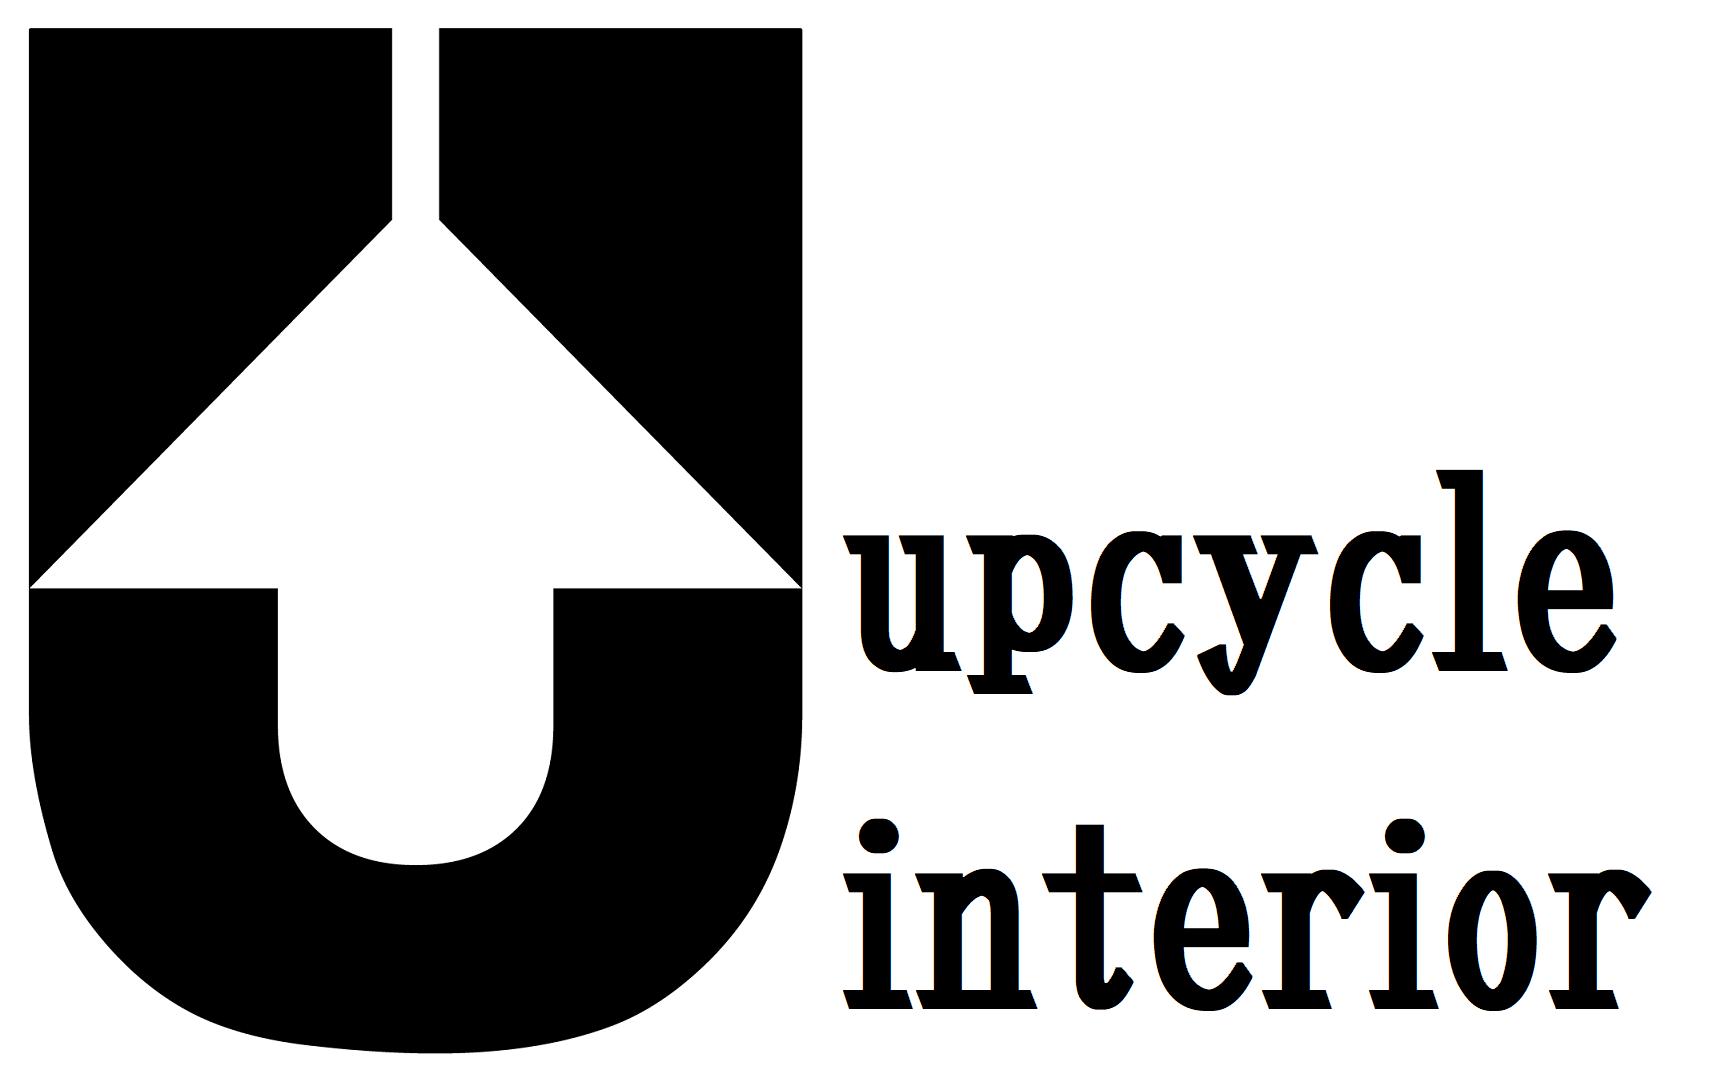 新ブランド「upcycle interior」が4月からスタート